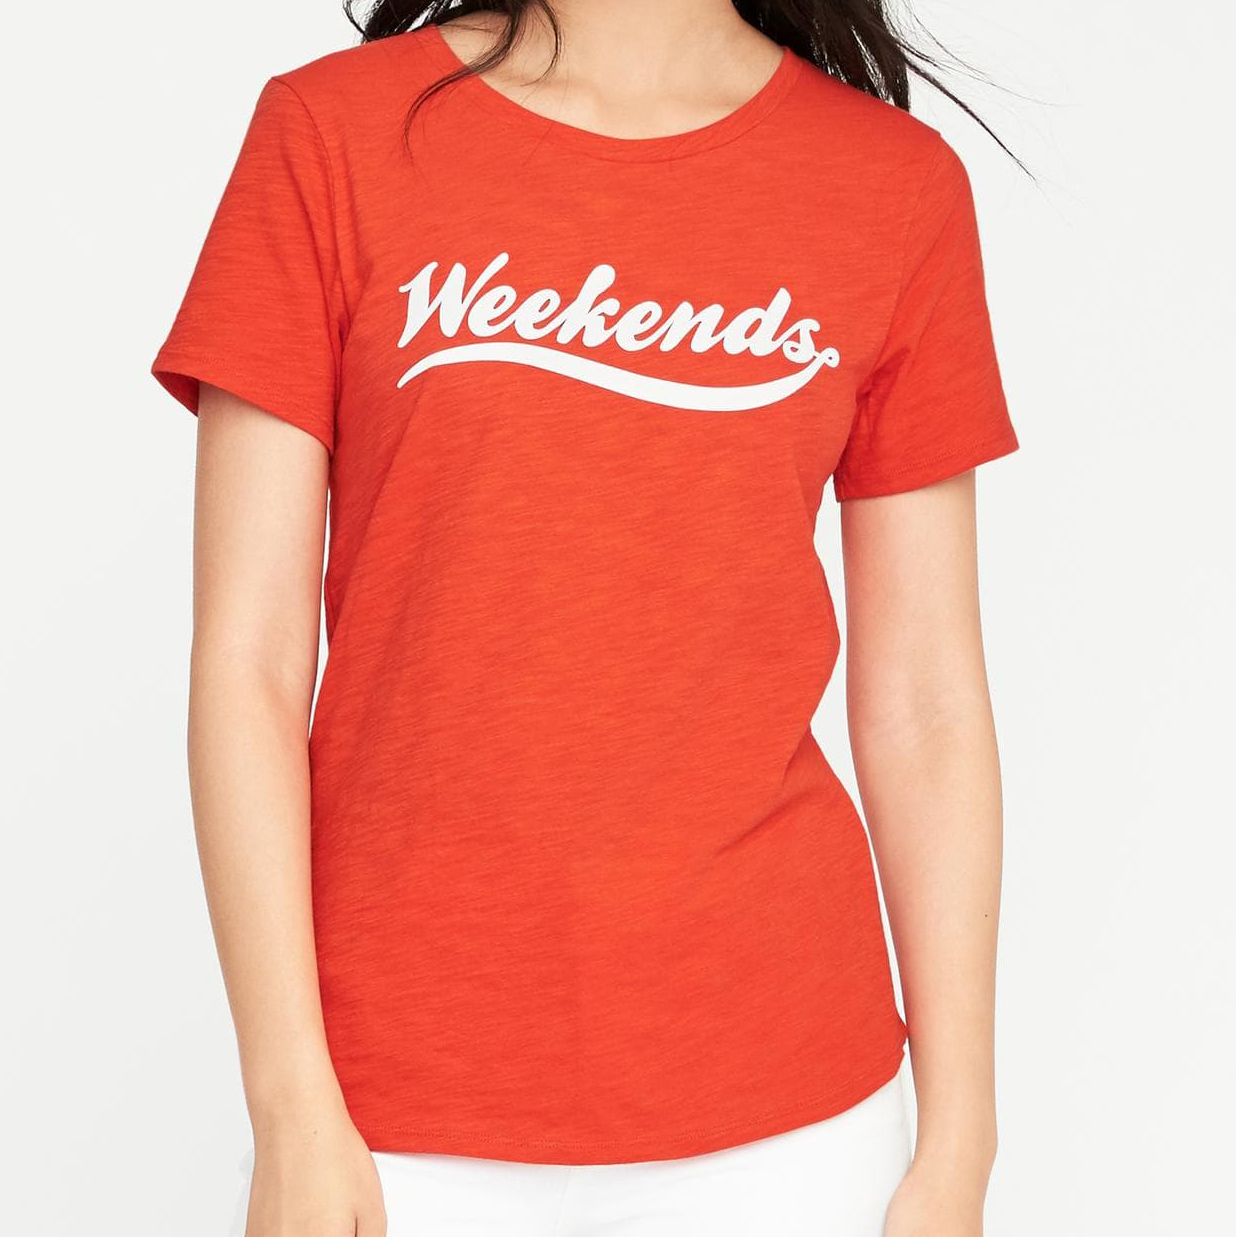 Weekends Shirt